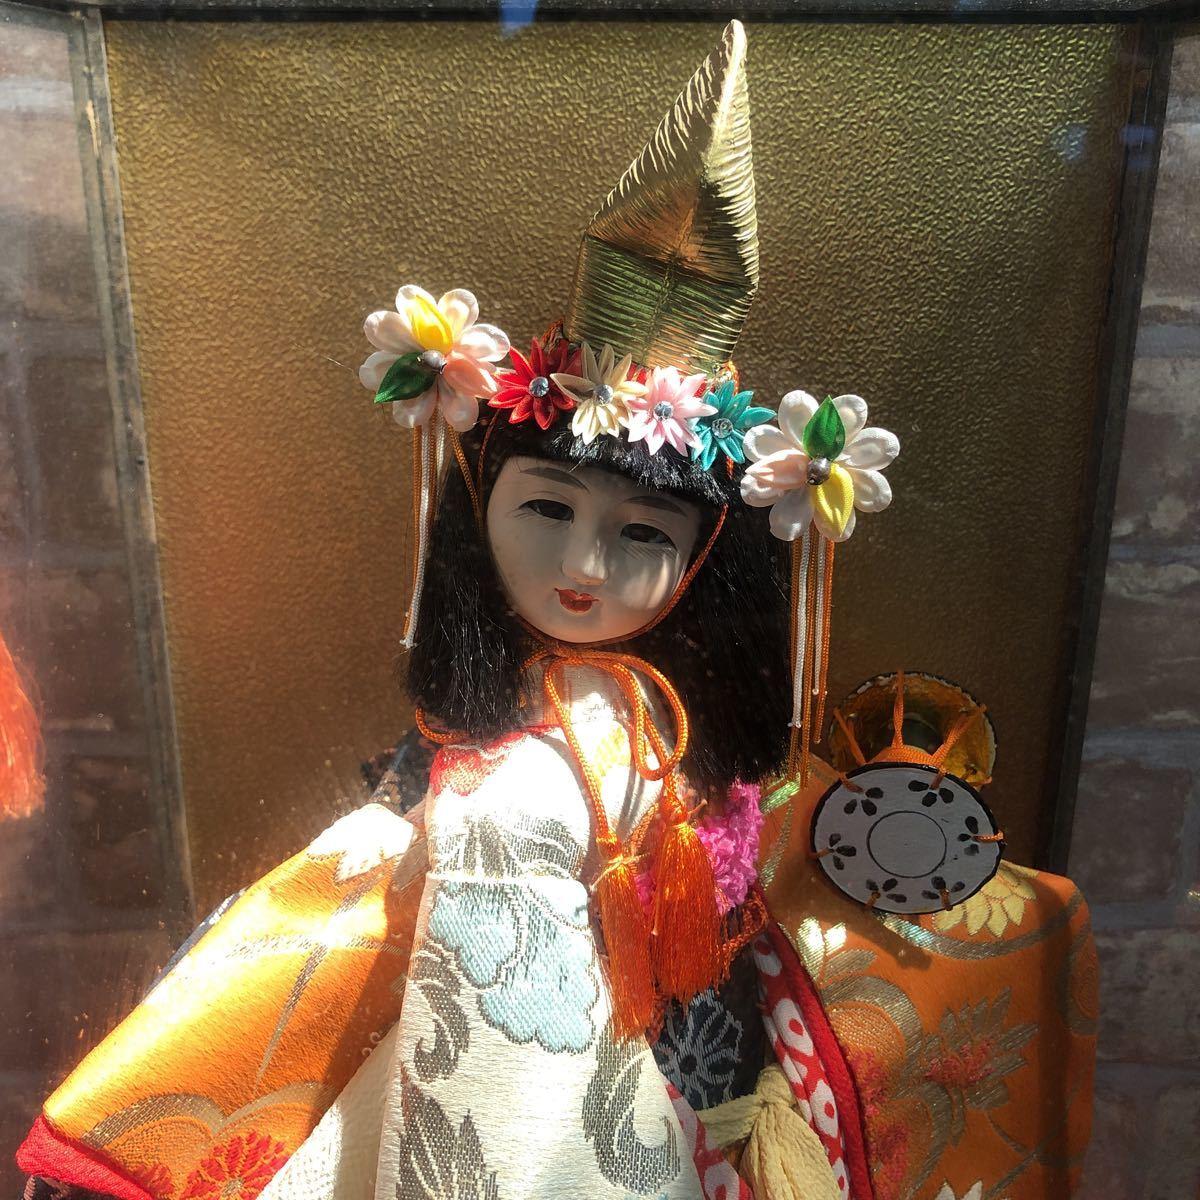 3283 浅妻 古い レトロ 日本人形 ガラスケースつき 昭和レトロ アンティーク 幅29cm高さ43cm奥行き24cm_画像2